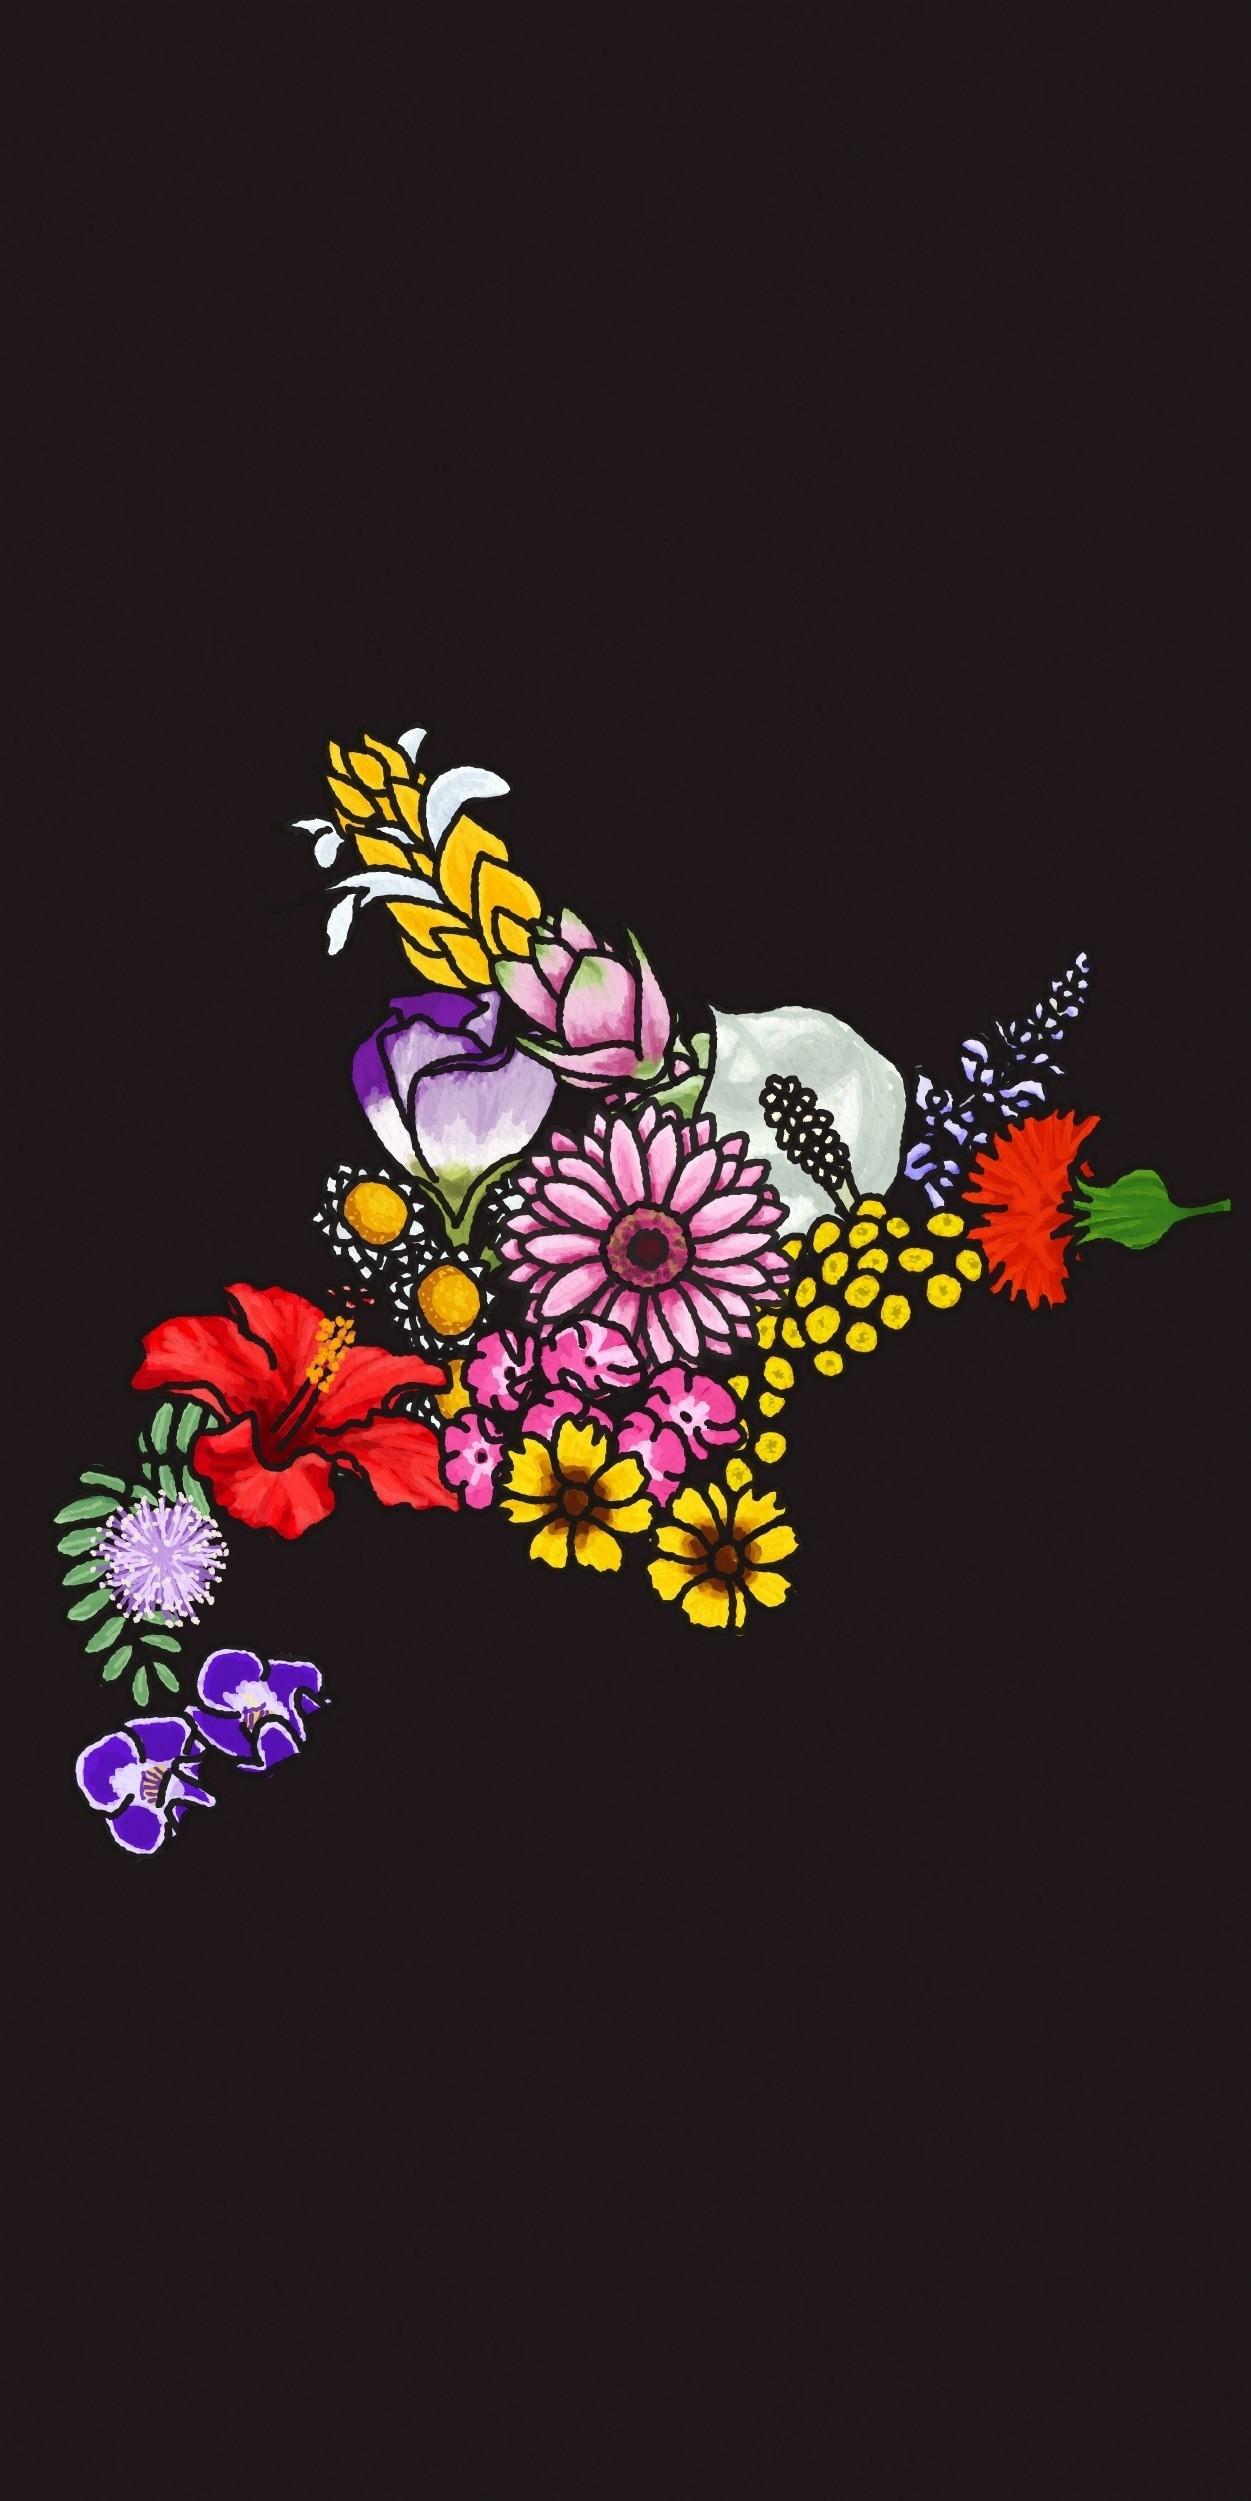 お花の壁紙 9月 タロアウト キャラクターアーティスト Note